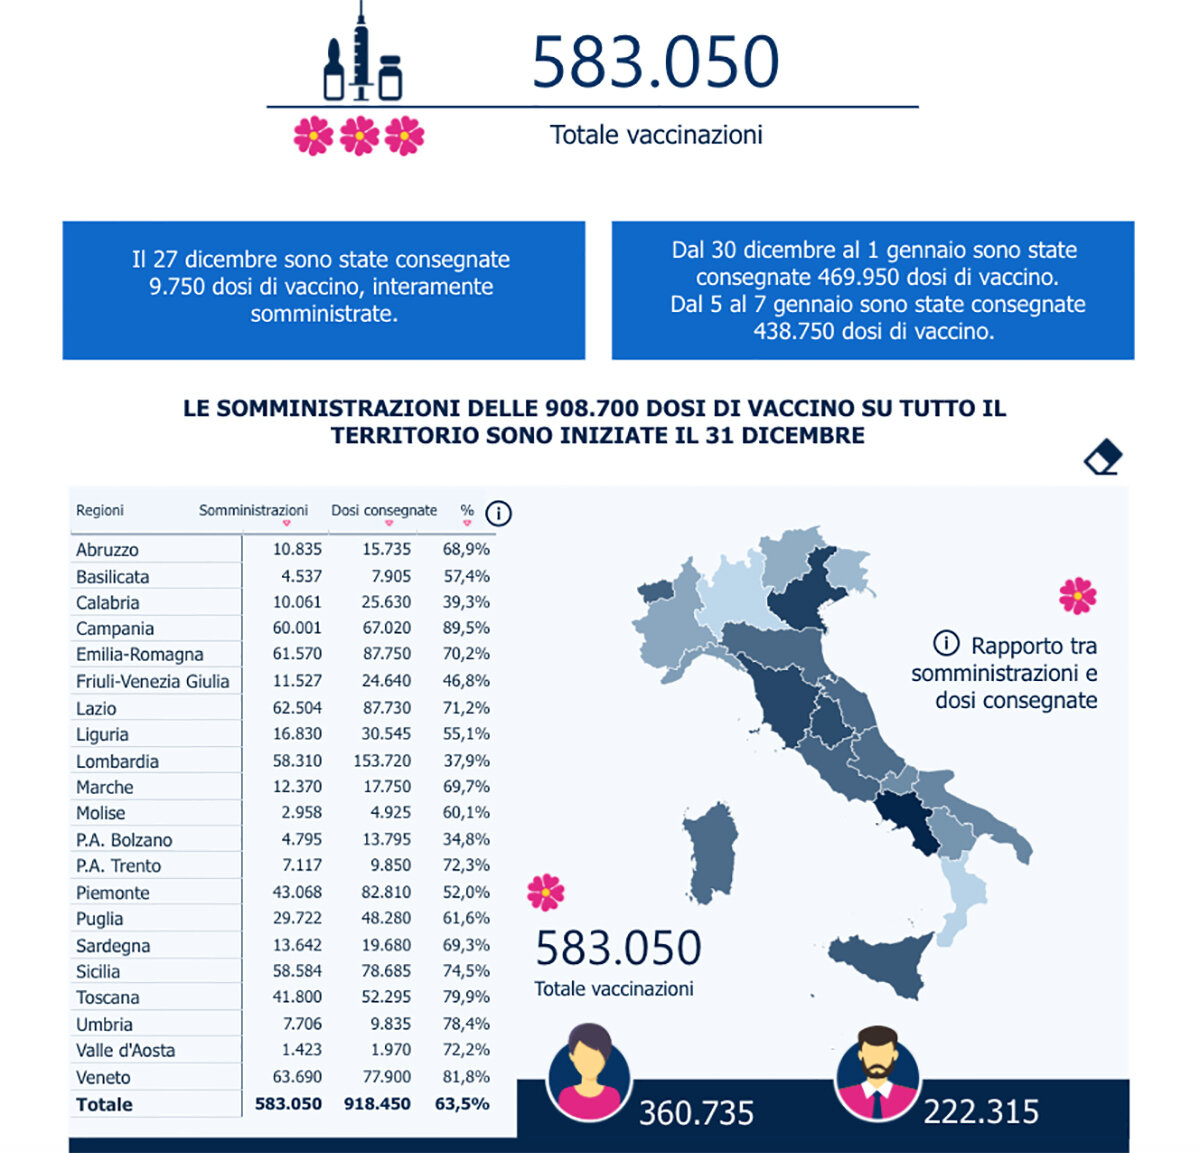 Campania prima in Italia per vaccinazioni: 89,5%, Campania prima in Italia, nonostante le polemiche, per vaccinazioni: 89,5%